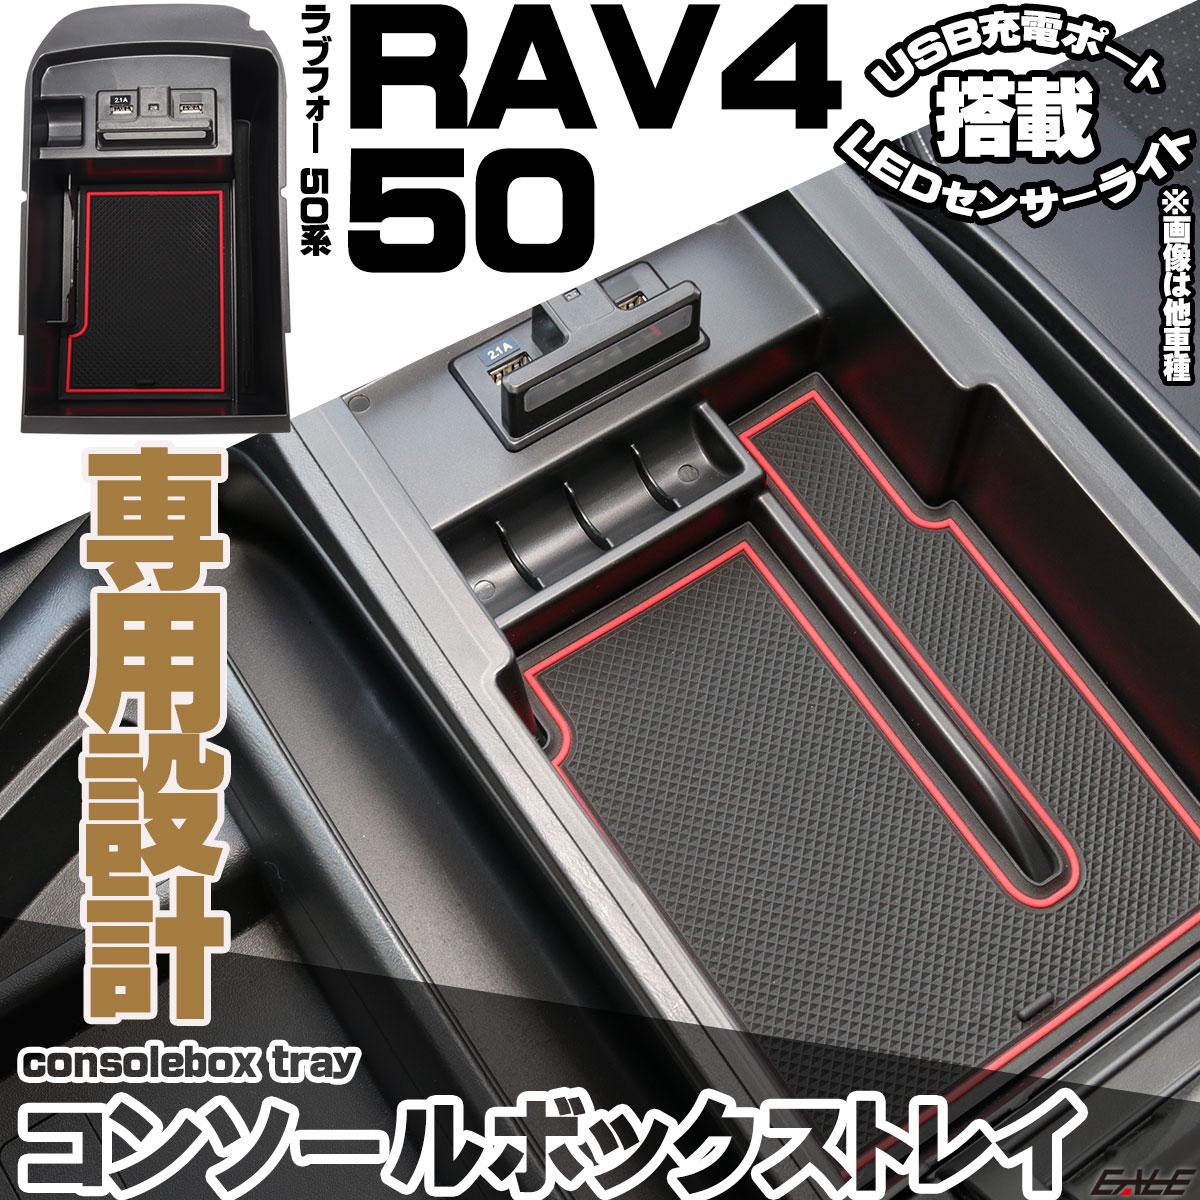 ラブフォー RAV4 50系 専用設計 センター コンソール ボックス トレイ USB 2ポート 急速充電 QC3.0対応 LED センサーライト 搭載 S-889